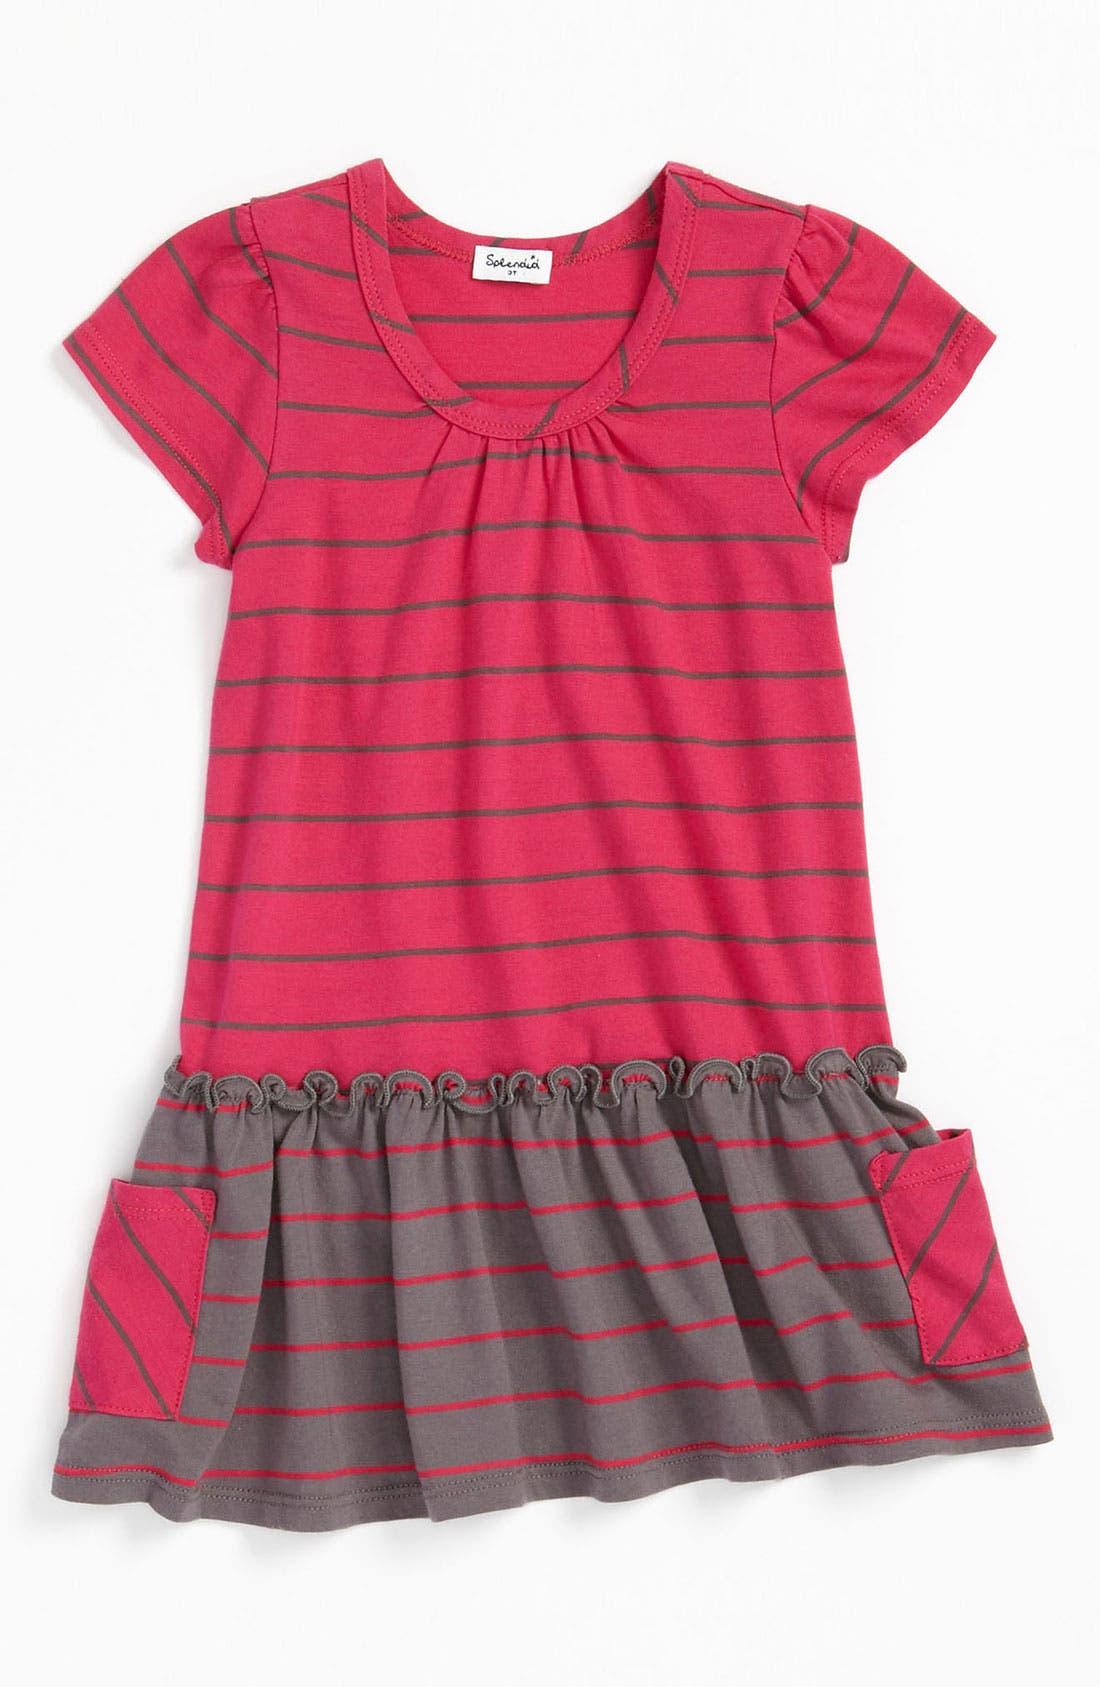 Alternate Image 1 Selected - Splendid 'Lacrosse' Stripe Dress (Toddler)